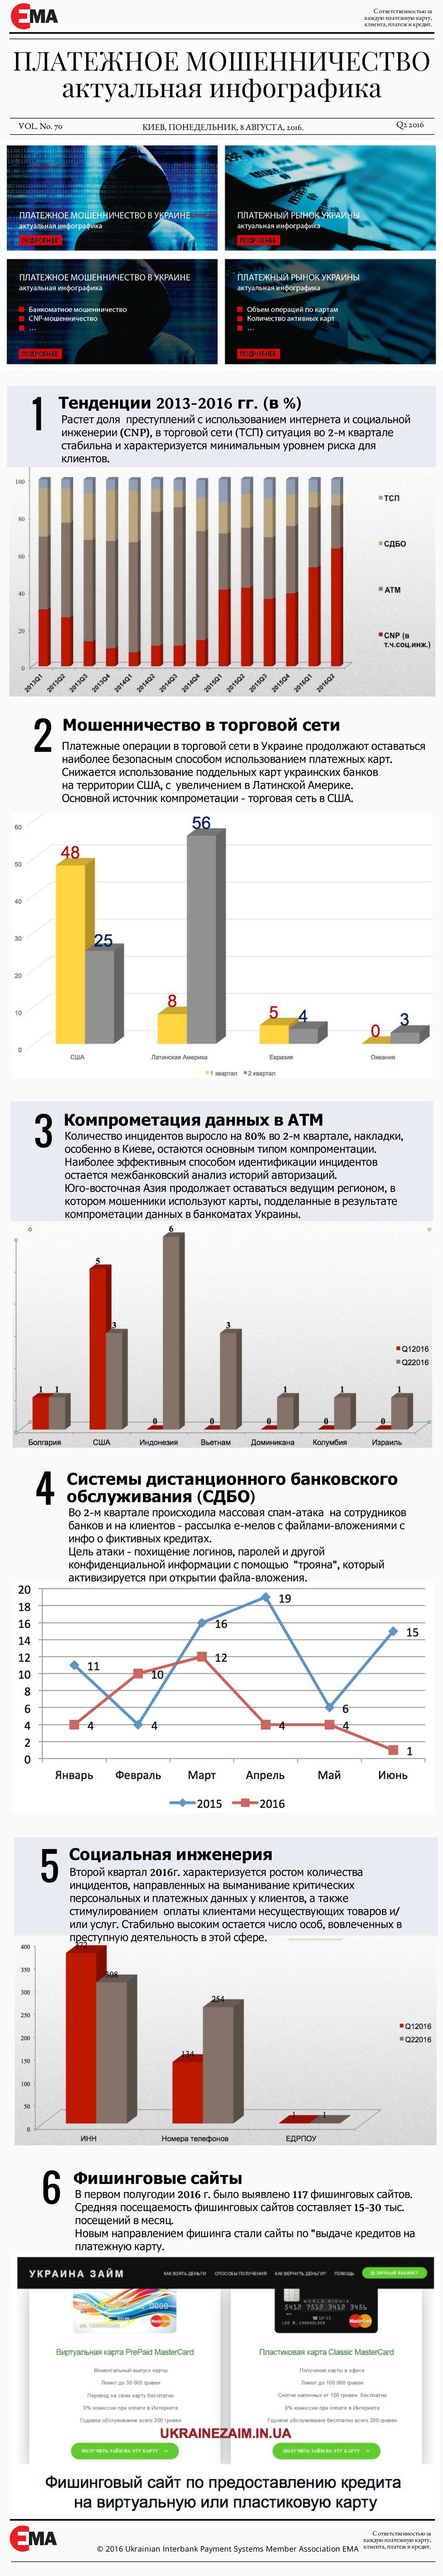 Платежное мошенничество - инфографика